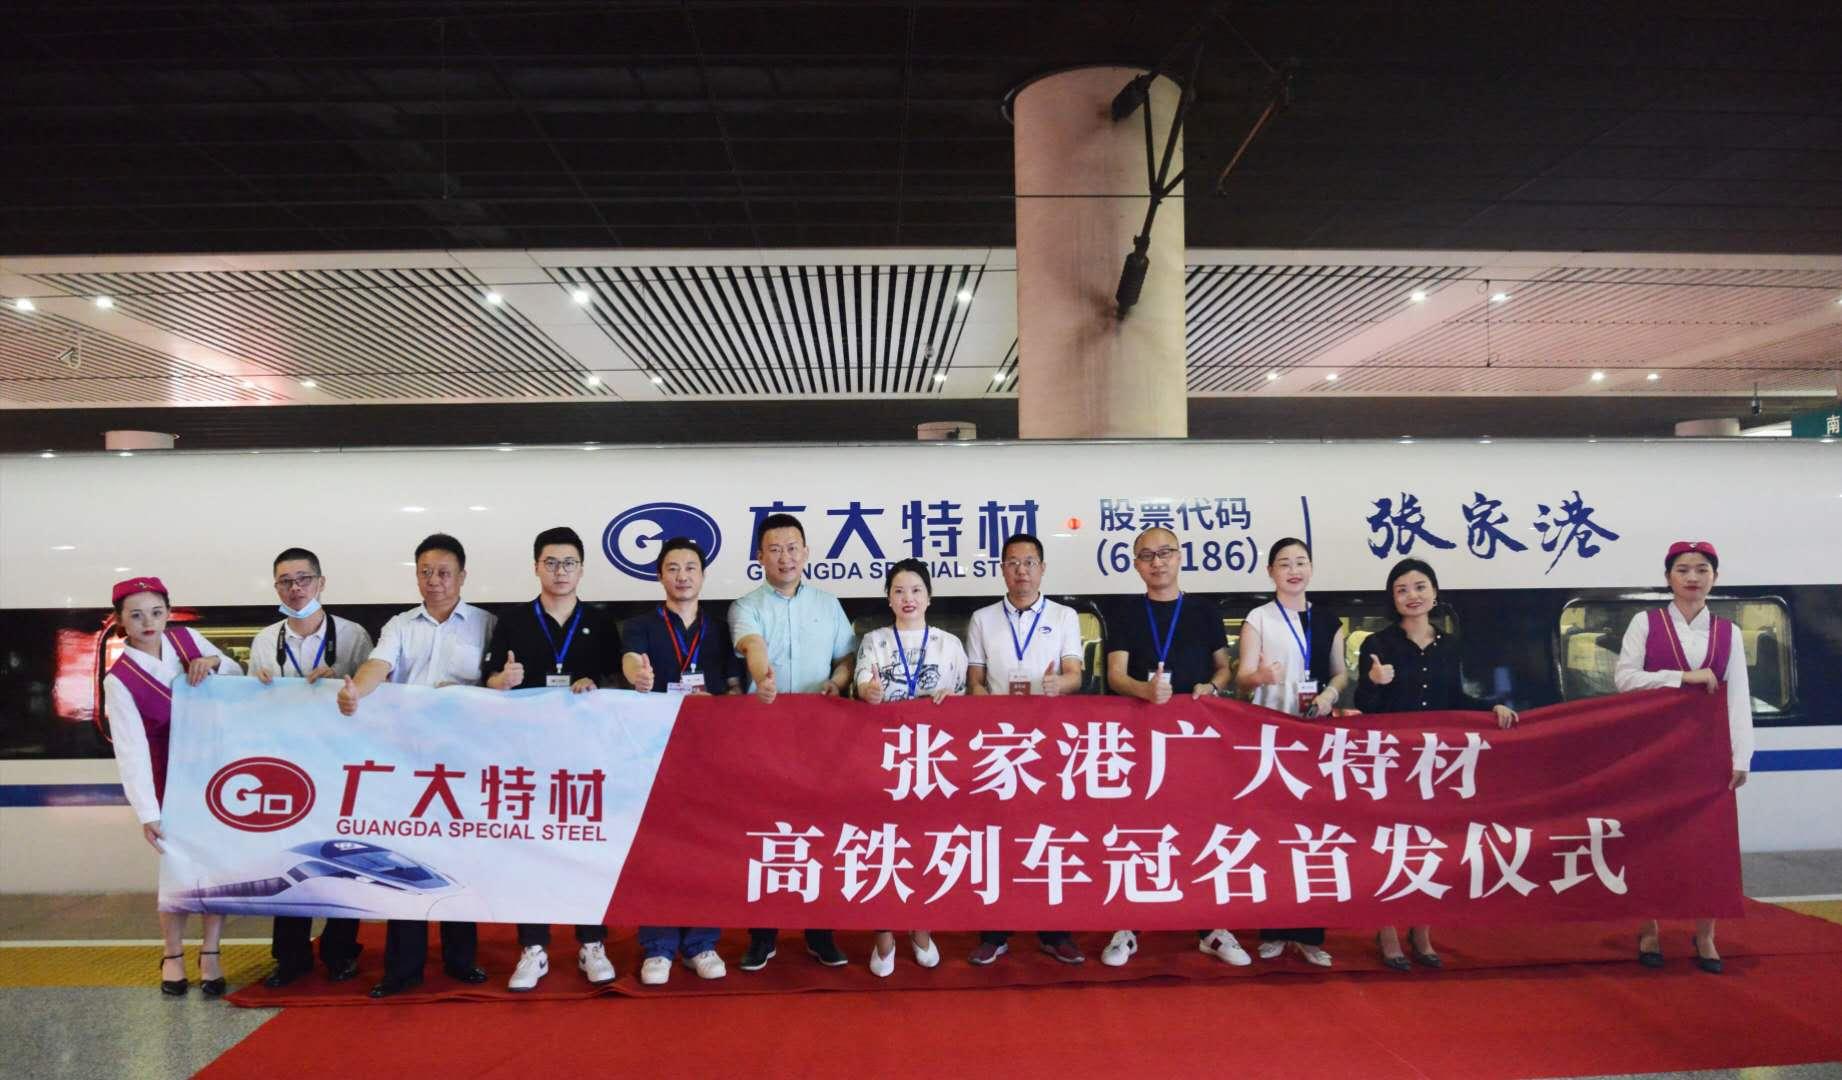 广大特材冠名高铁列车 打造国际化高端品牌形象